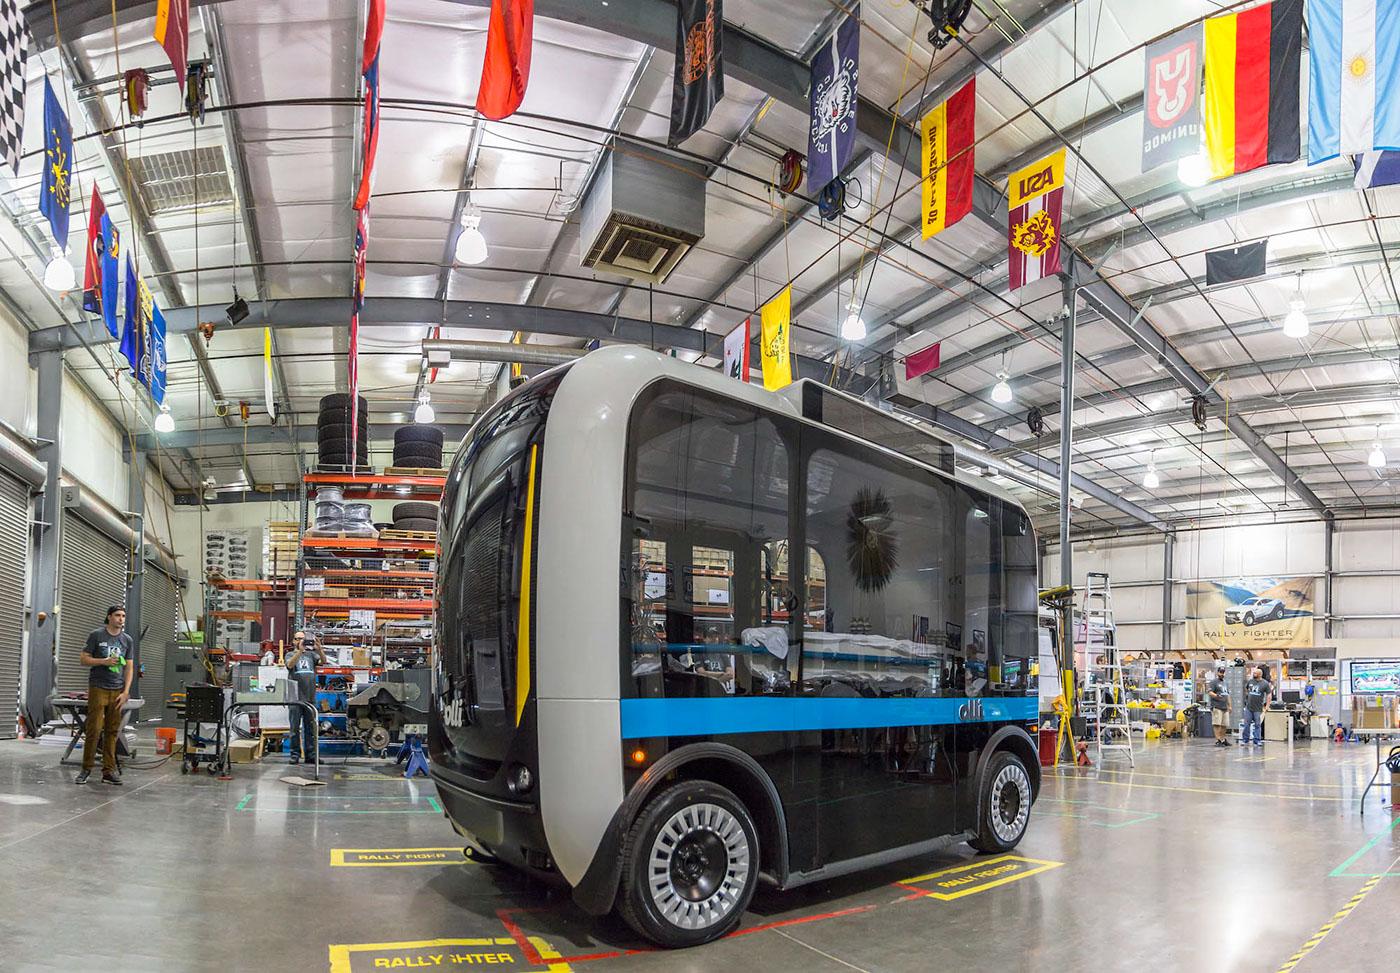 olli Local Motors Berlino bus electric shuttle cab concept autonomus futuristic